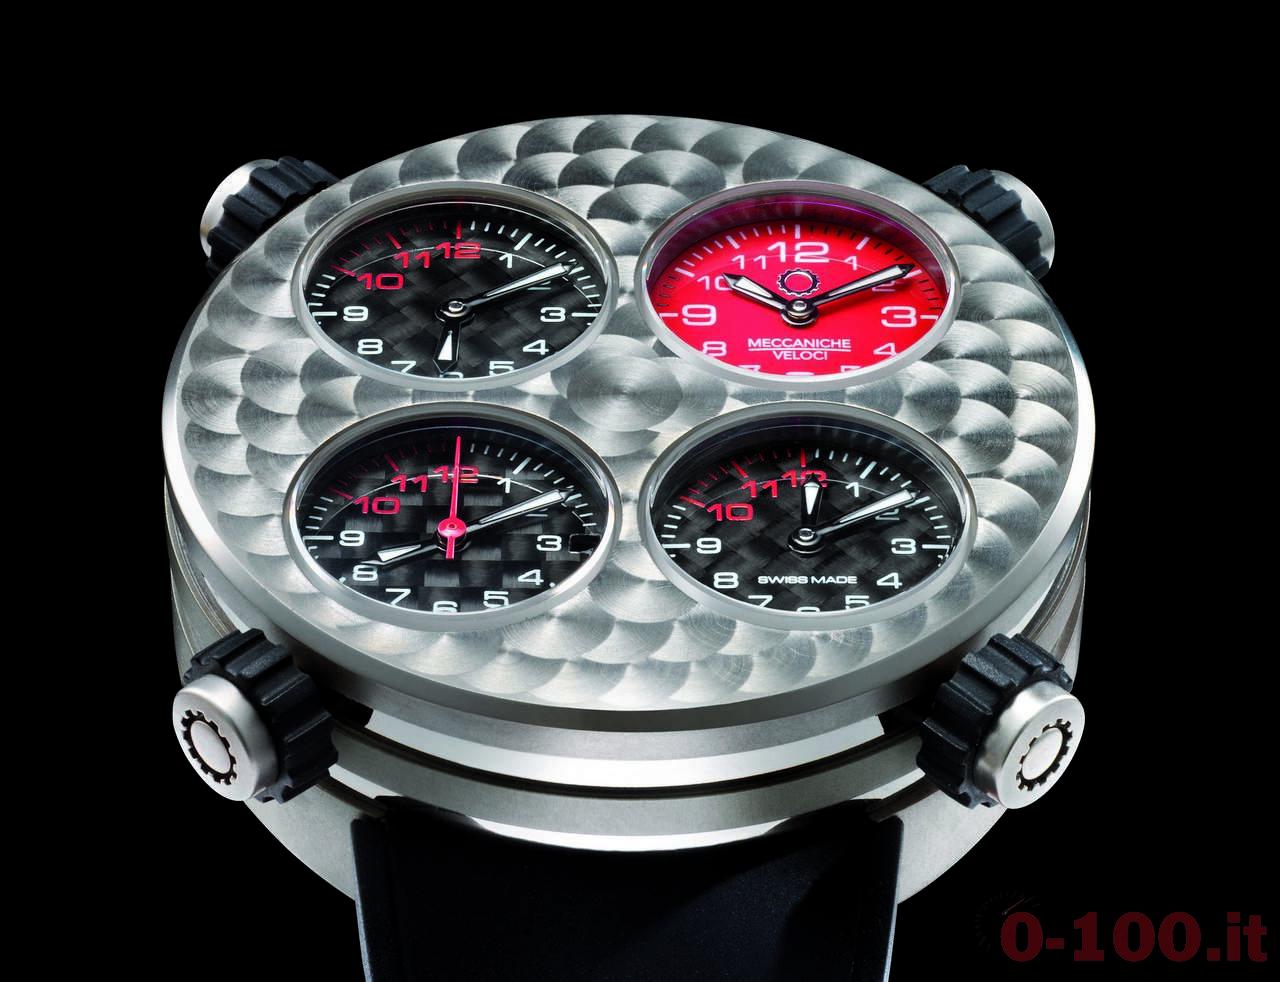 anteprima-baselworld-2016-meccaniche-veloci-icon-quattro-valvole-48-four-strokes-prezzo-price_0-1001